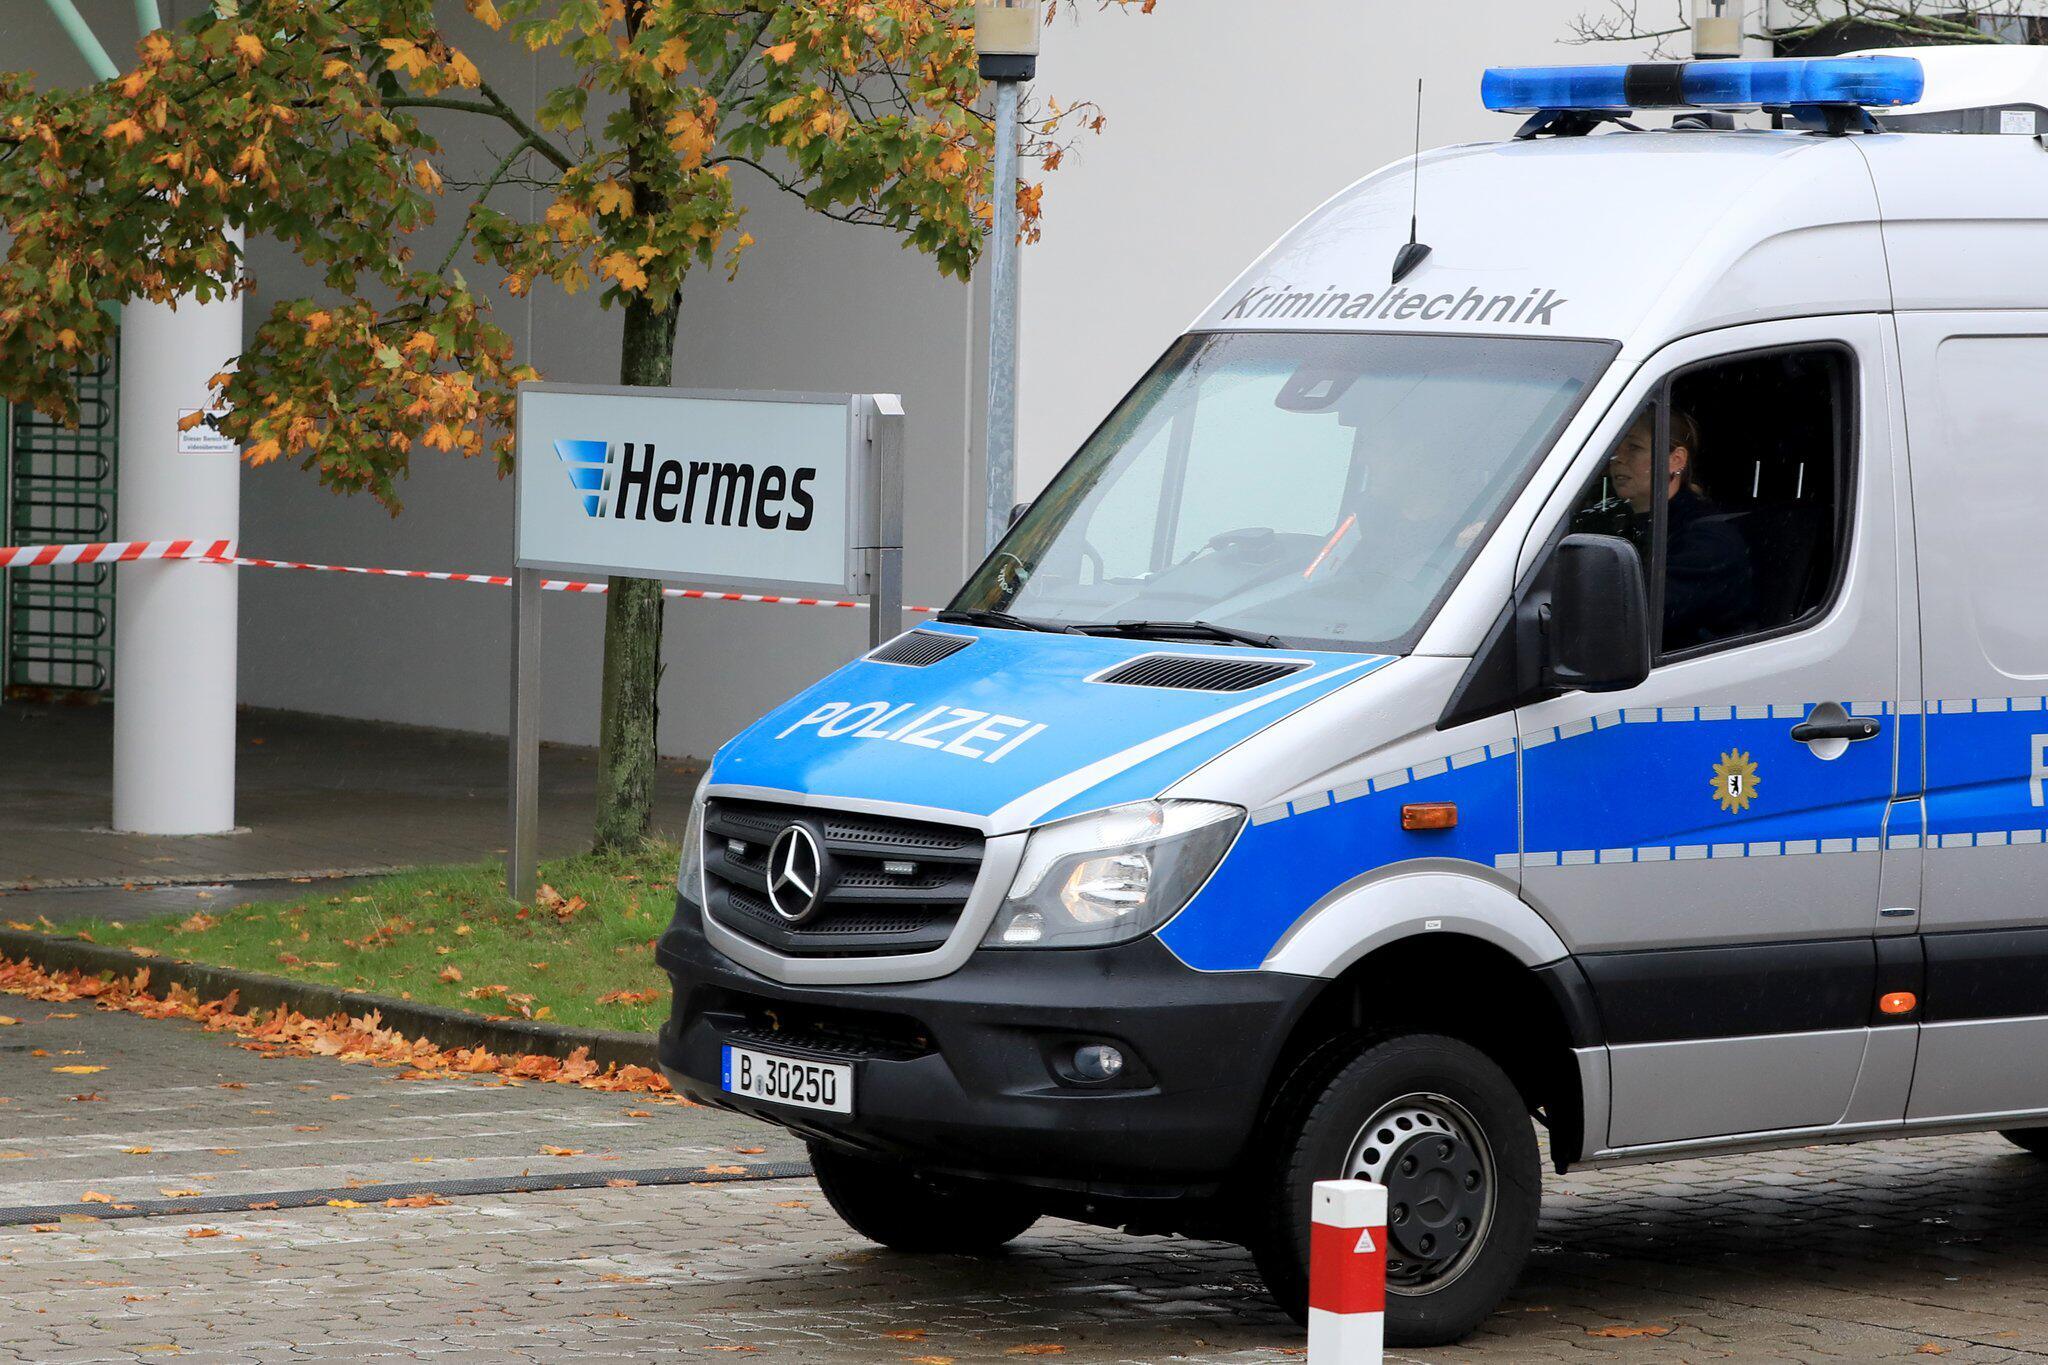 Bild zu Zwei tote Paketdienst-Mitarbeiter in Haldensleben